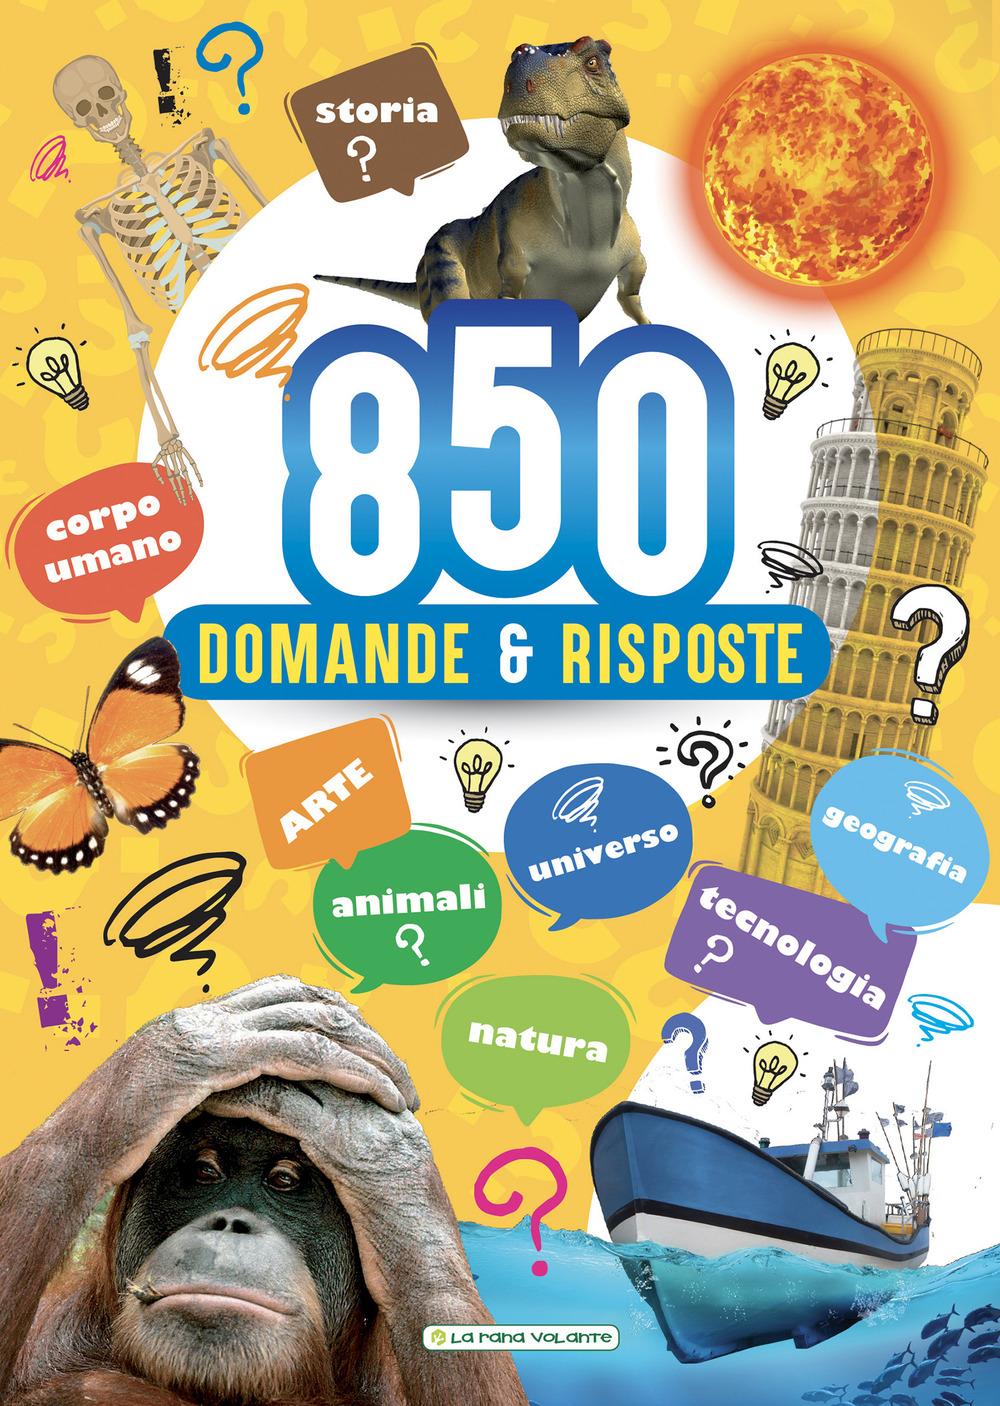 Libri 850 Domande E Risposte NUOVO SIGILLATO, EDIZIONE DEL 06/12/2019 SUBITO DISPONIBILE